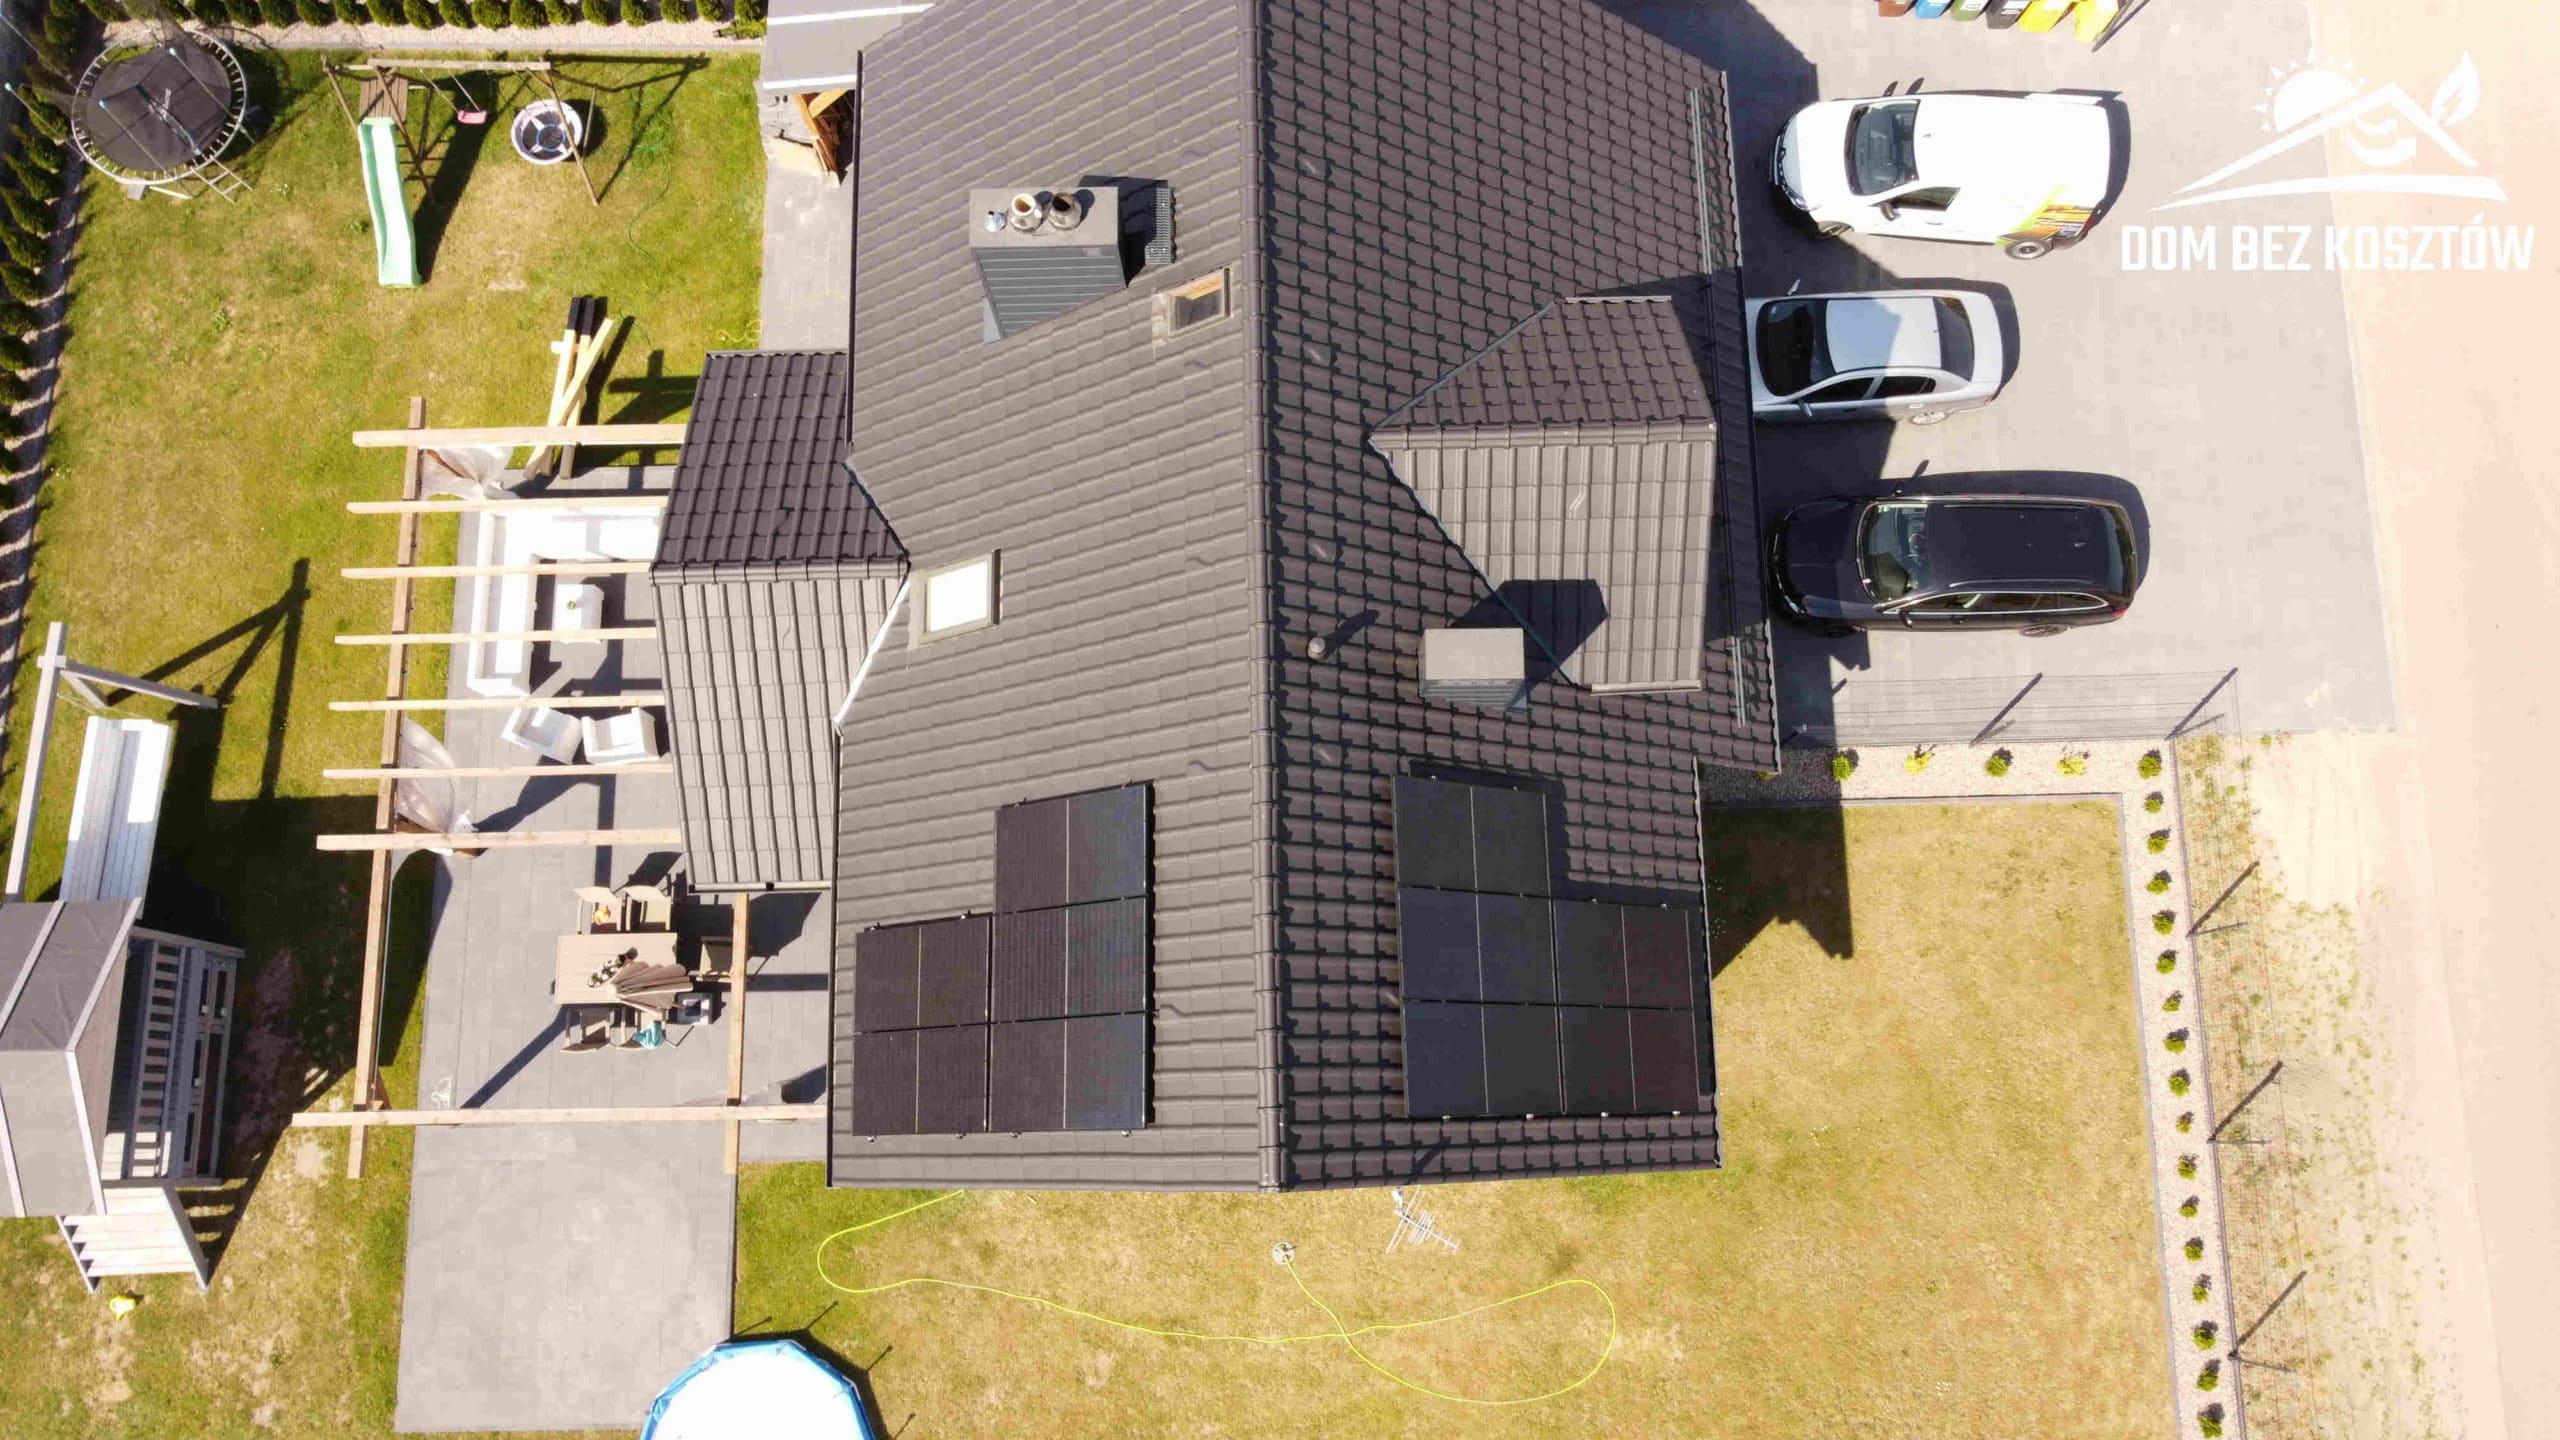 Instalacja fotowoltaiczna na dachu domu jednorodzinnego w Chojnicach